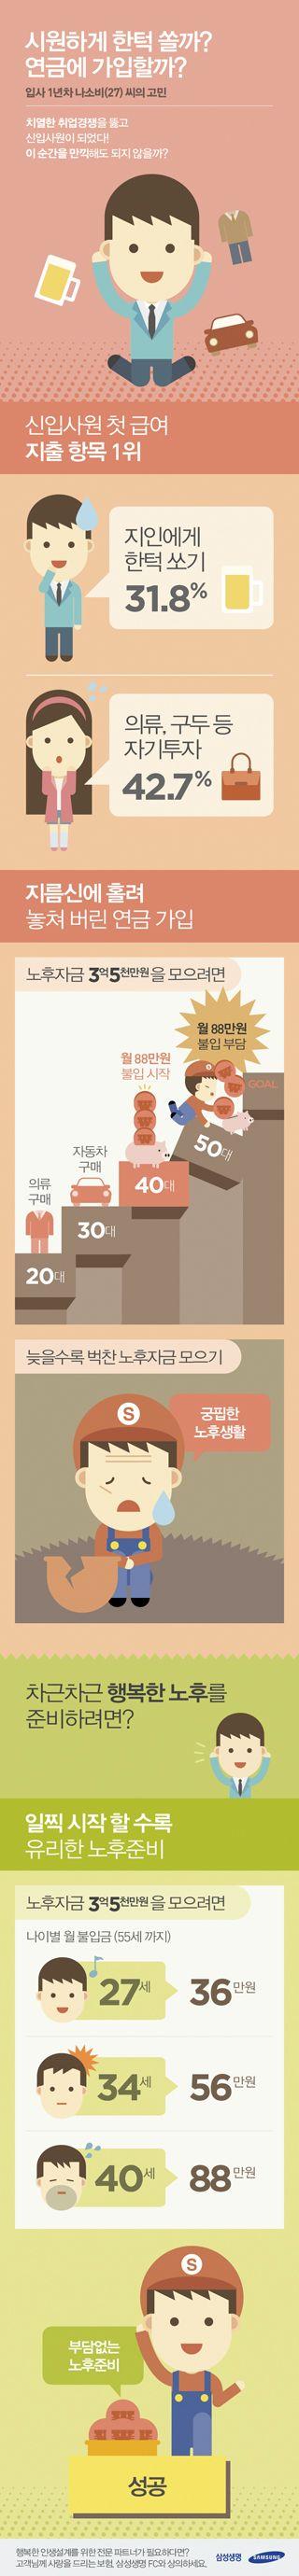 노후자금을 준비하는 두 가지 상황에 관한 인포그래픽01